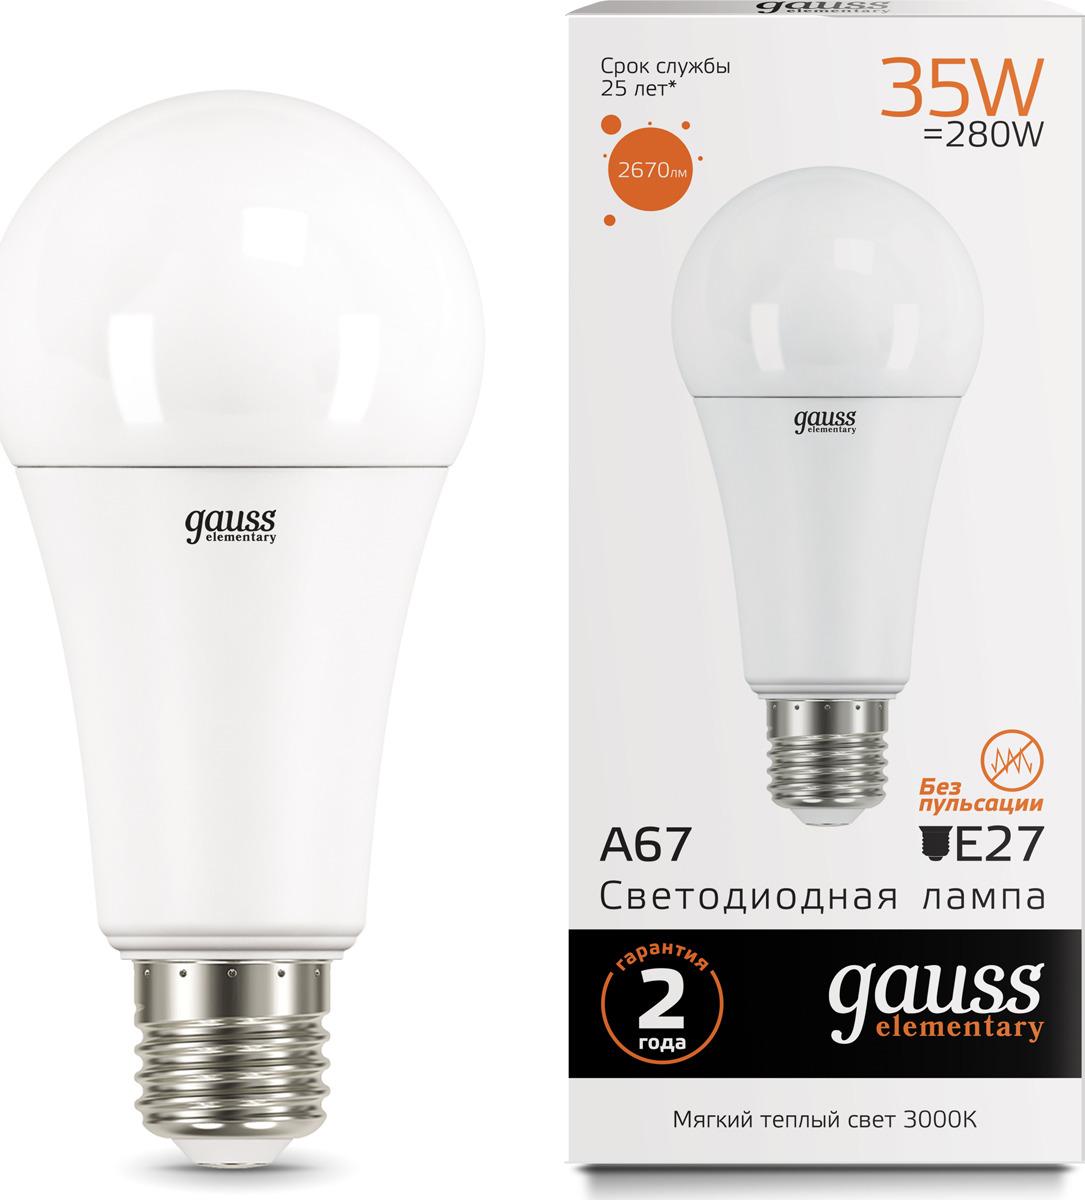 Лампочка Gauss Elementary LED, A67, E27, 35W. 70215